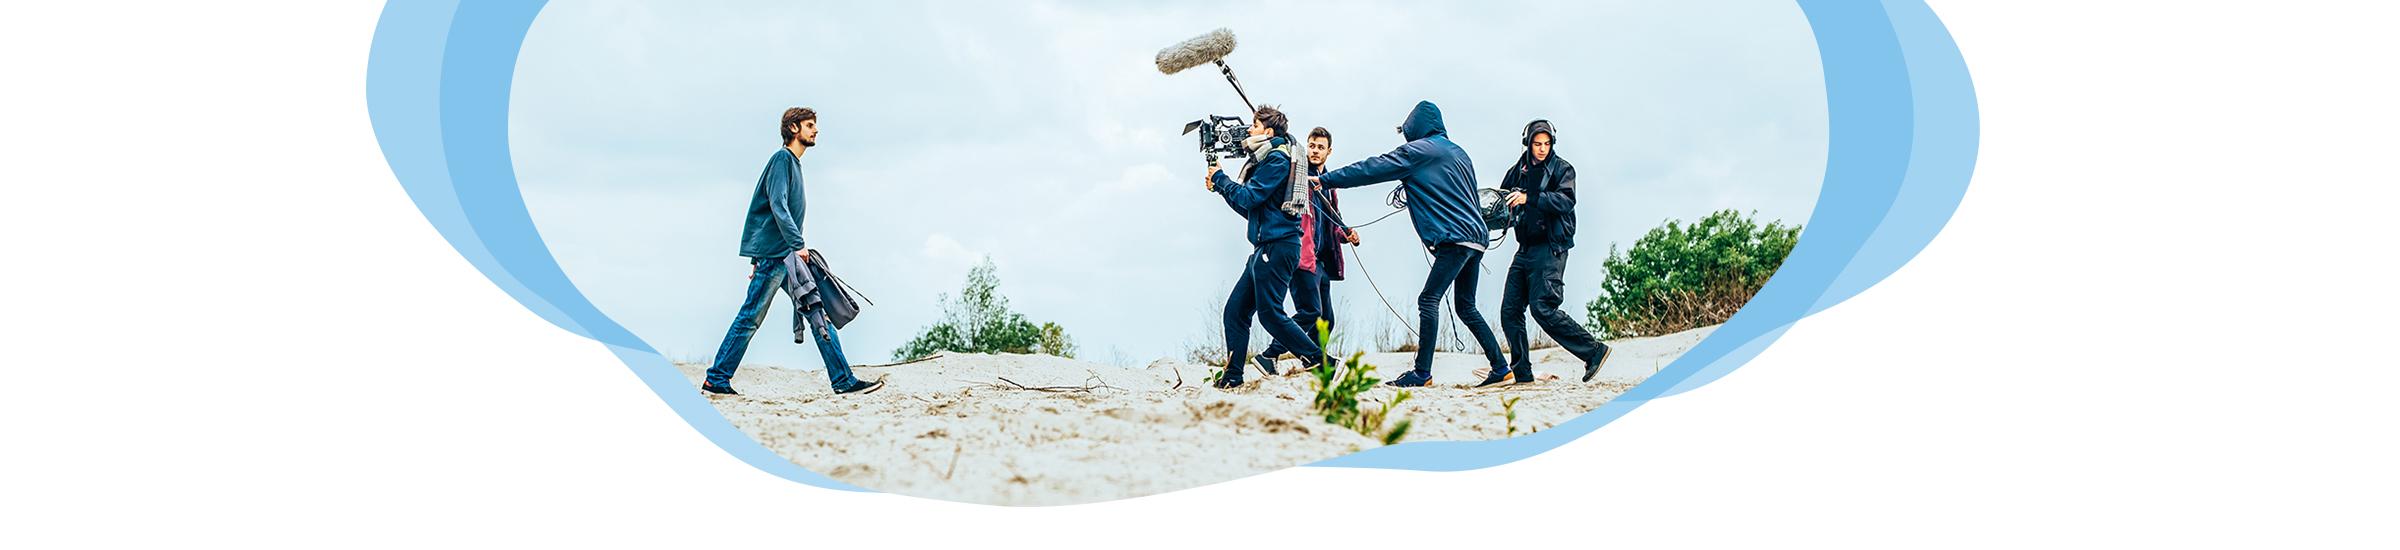 Film-Drehorte in Deutschland, Header